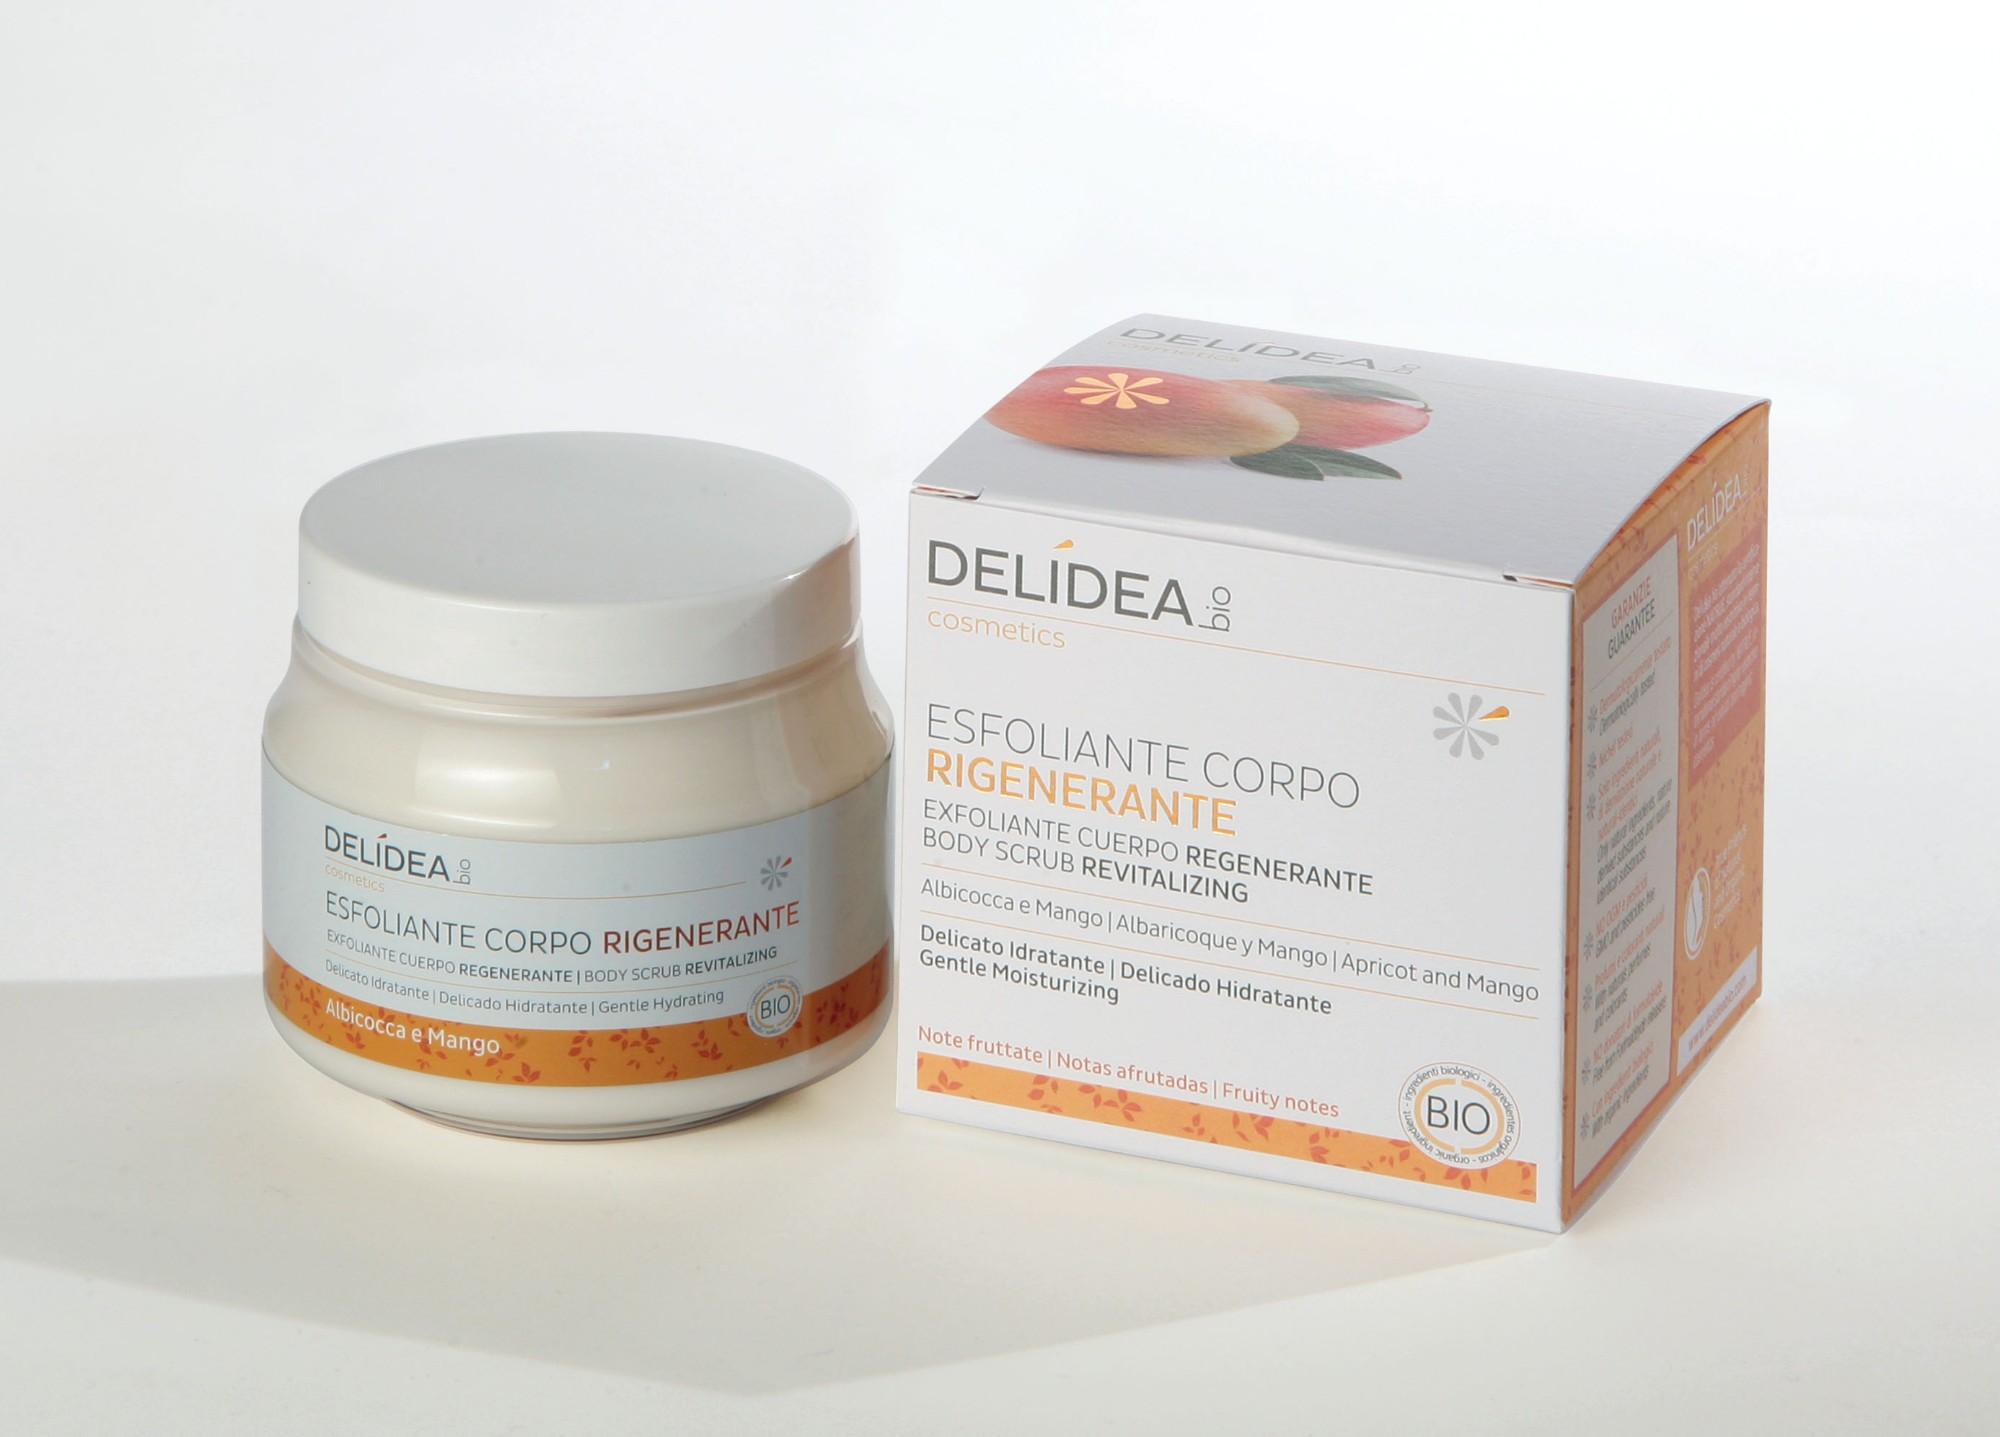 Ekologiškas  drėkinantis ir elastingumo suteikiantis kūno šveitiklis DELIDEA BIO su mango ir abrikosų aliejumi, 200 ml